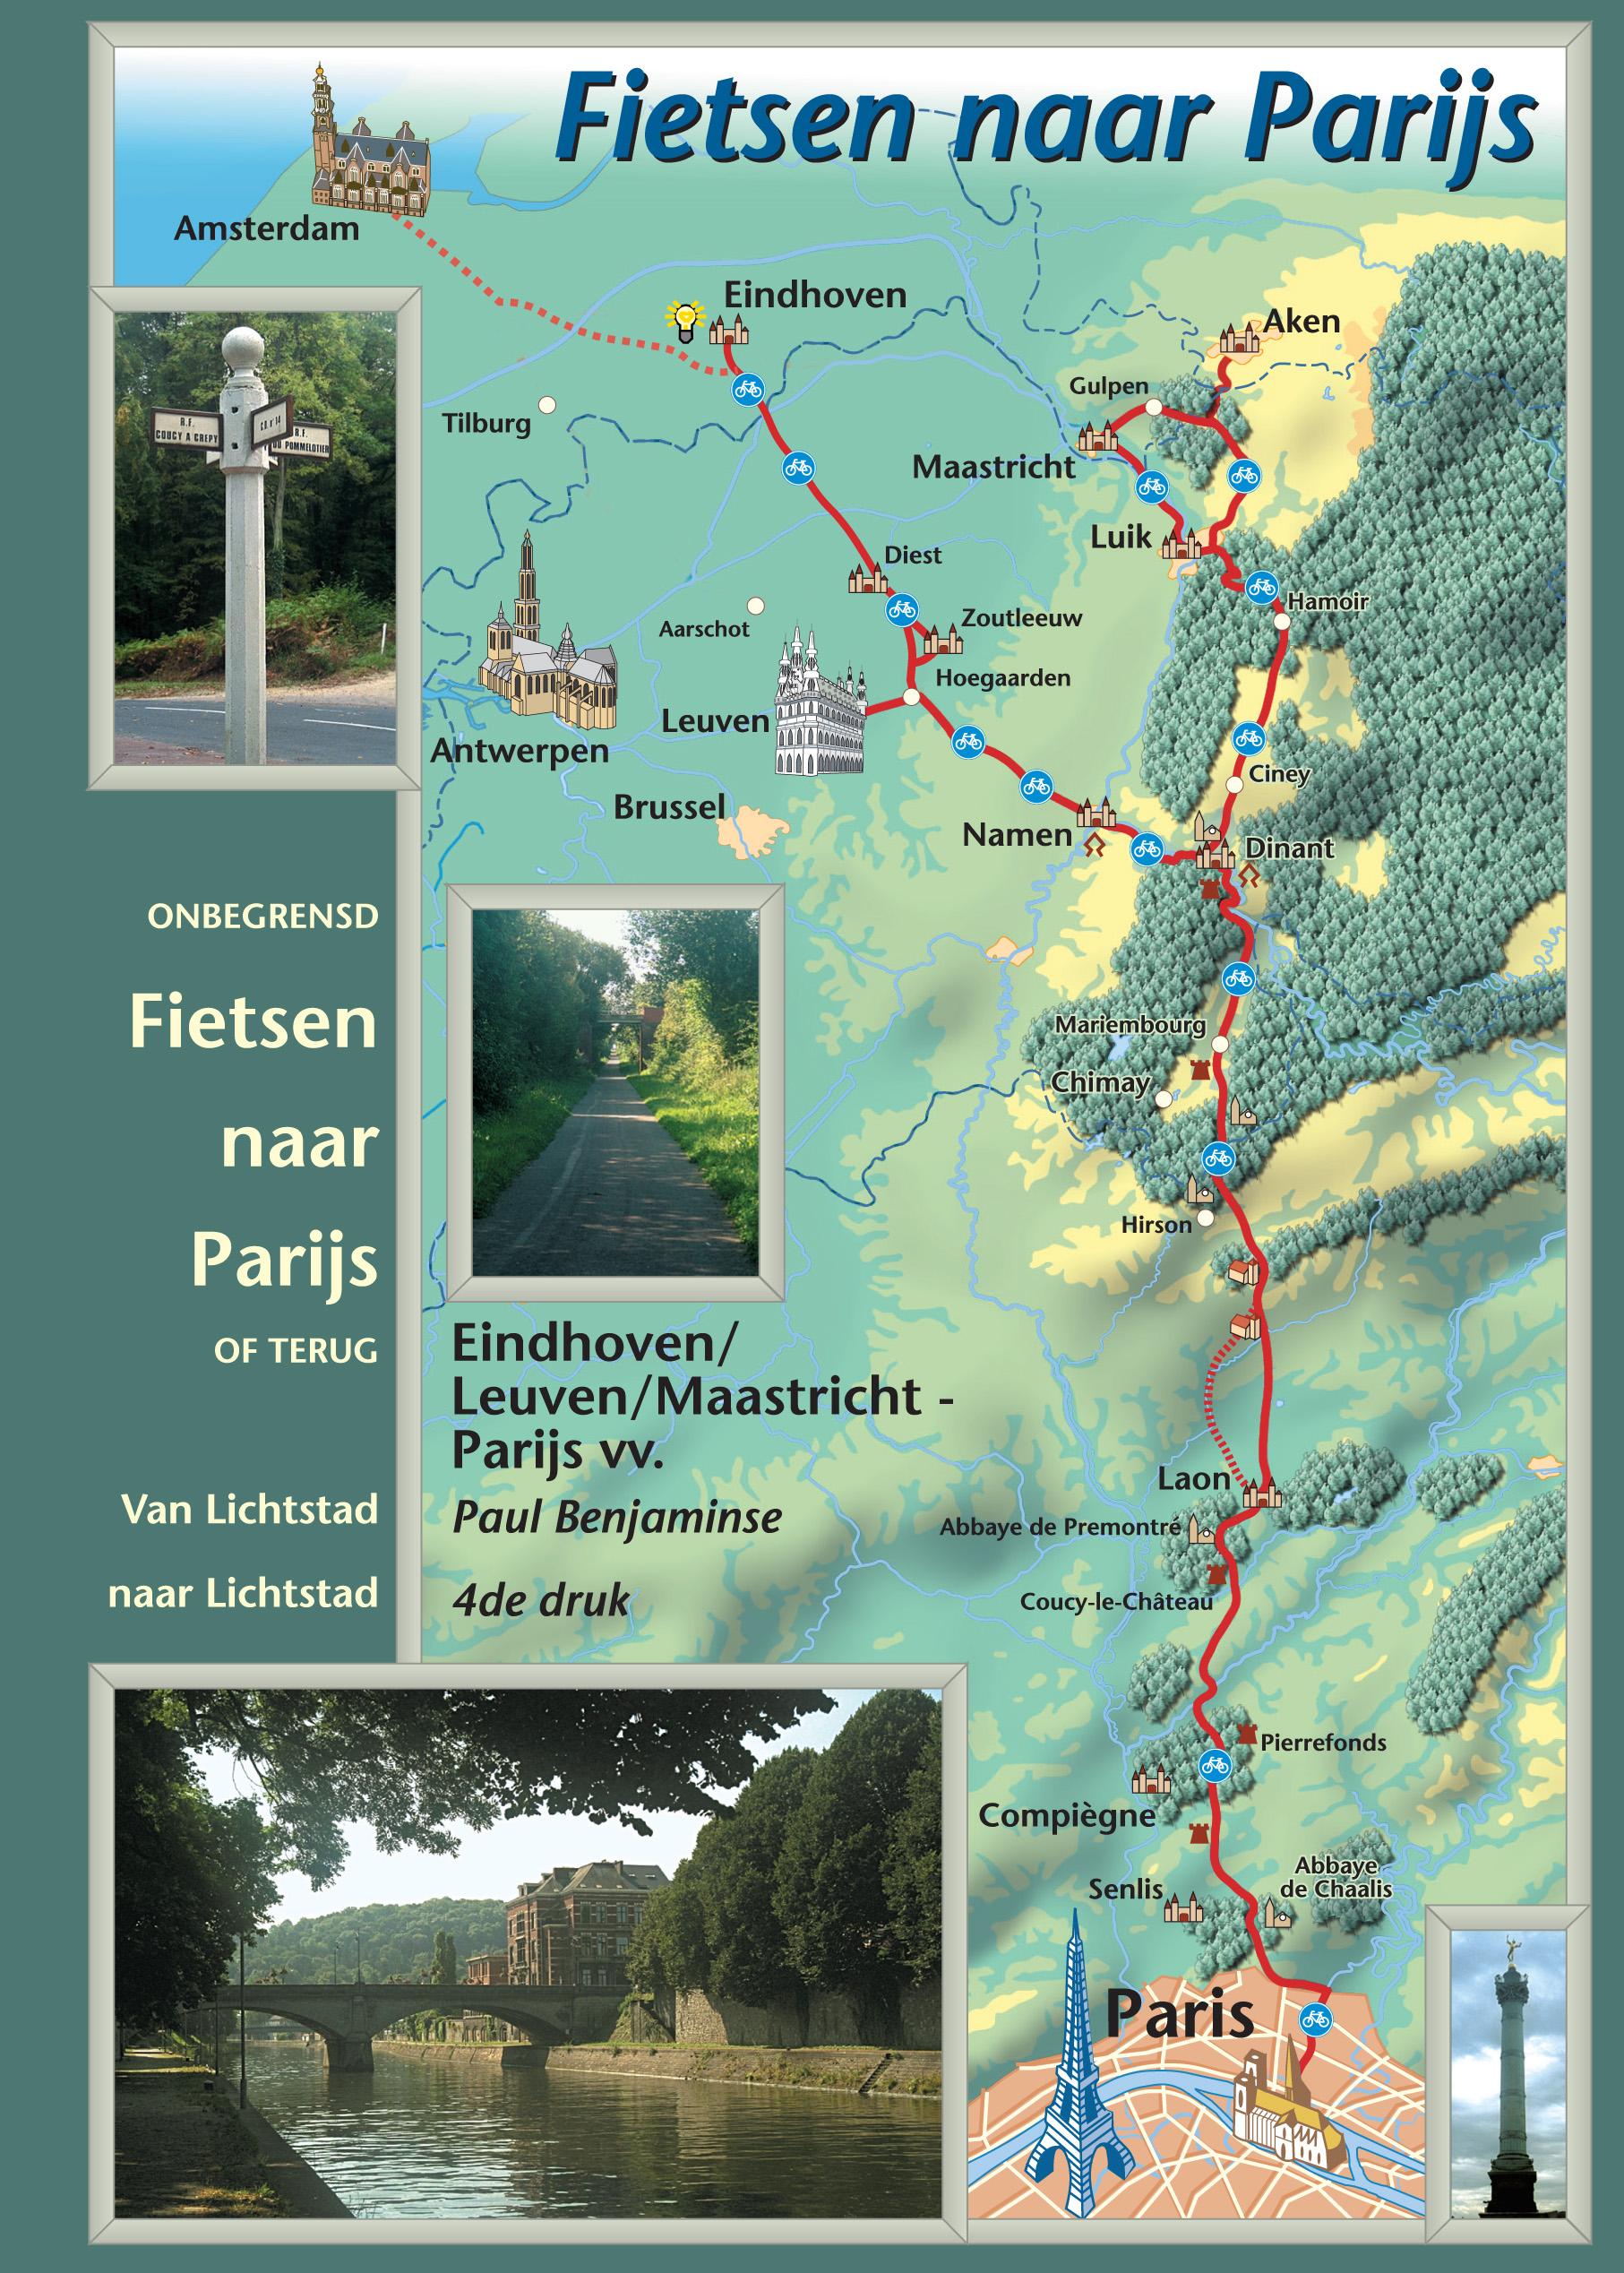 Parijs fietsen naar - Eindhoven/Leuven/Gent/Brussel/Maastricht-Parijs